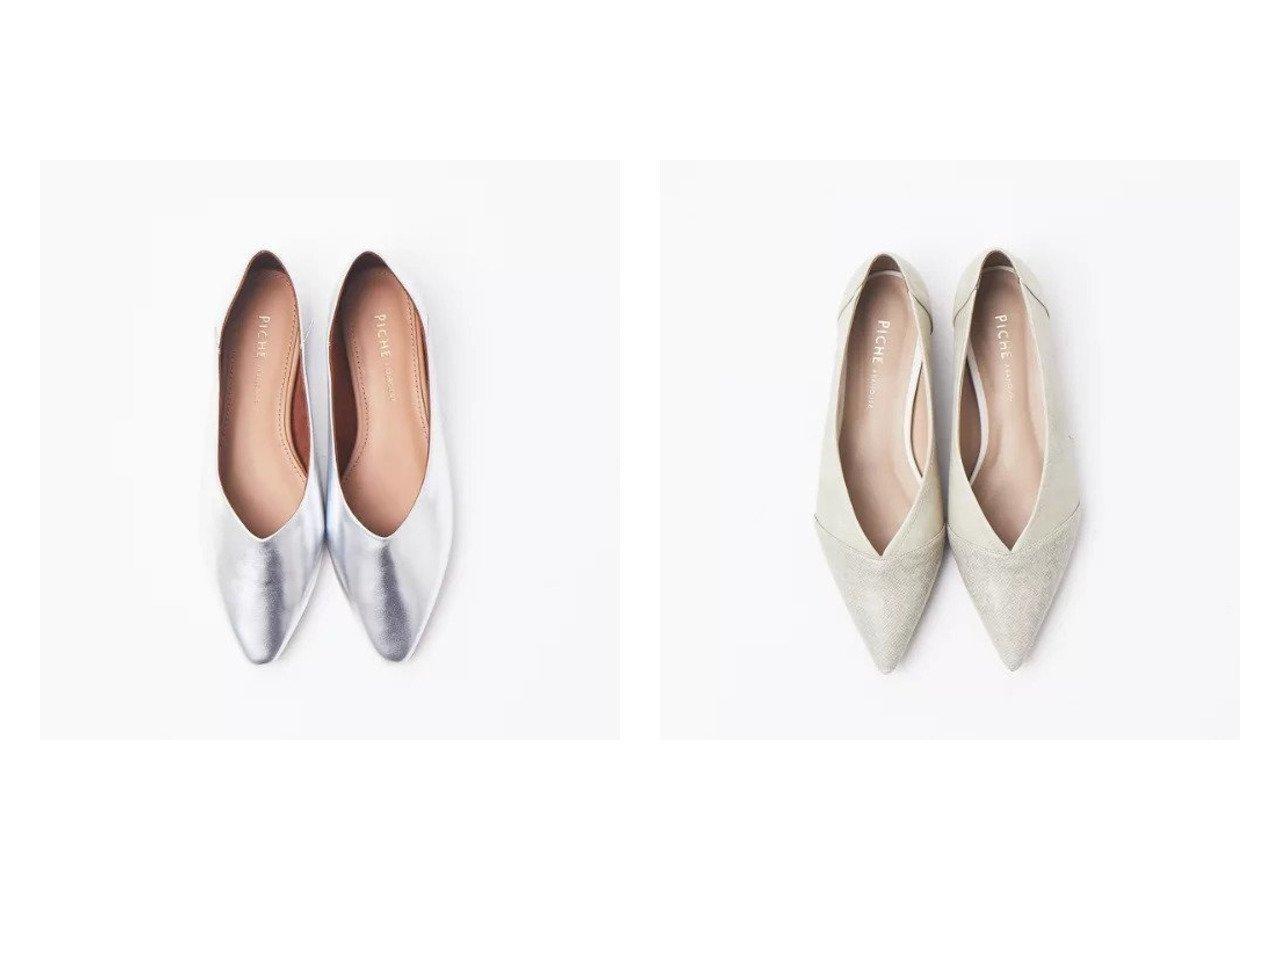 【Piche Abahouse/ピシェ アバハウス】のバブーシュ2WAYフラットシューズ&リザードコンビVカットフラットシューズ シューズ・靴のおすすめ!人気、トレンド・レディースファッションの通販 おすすめで人気の流行・トレンド、ファッションの通販商品 メンズファッション・キッズファッション・インテリア・家具・レディースファッション・服の通販 founy(ファニー) https://founy.com/ ファッション Fashion レディースファッション WOMEN シューズ フラット ワンポイント エナメル クロコ シンプル デニム トレンド 人気 レース ロング |ID:crp329100000014464